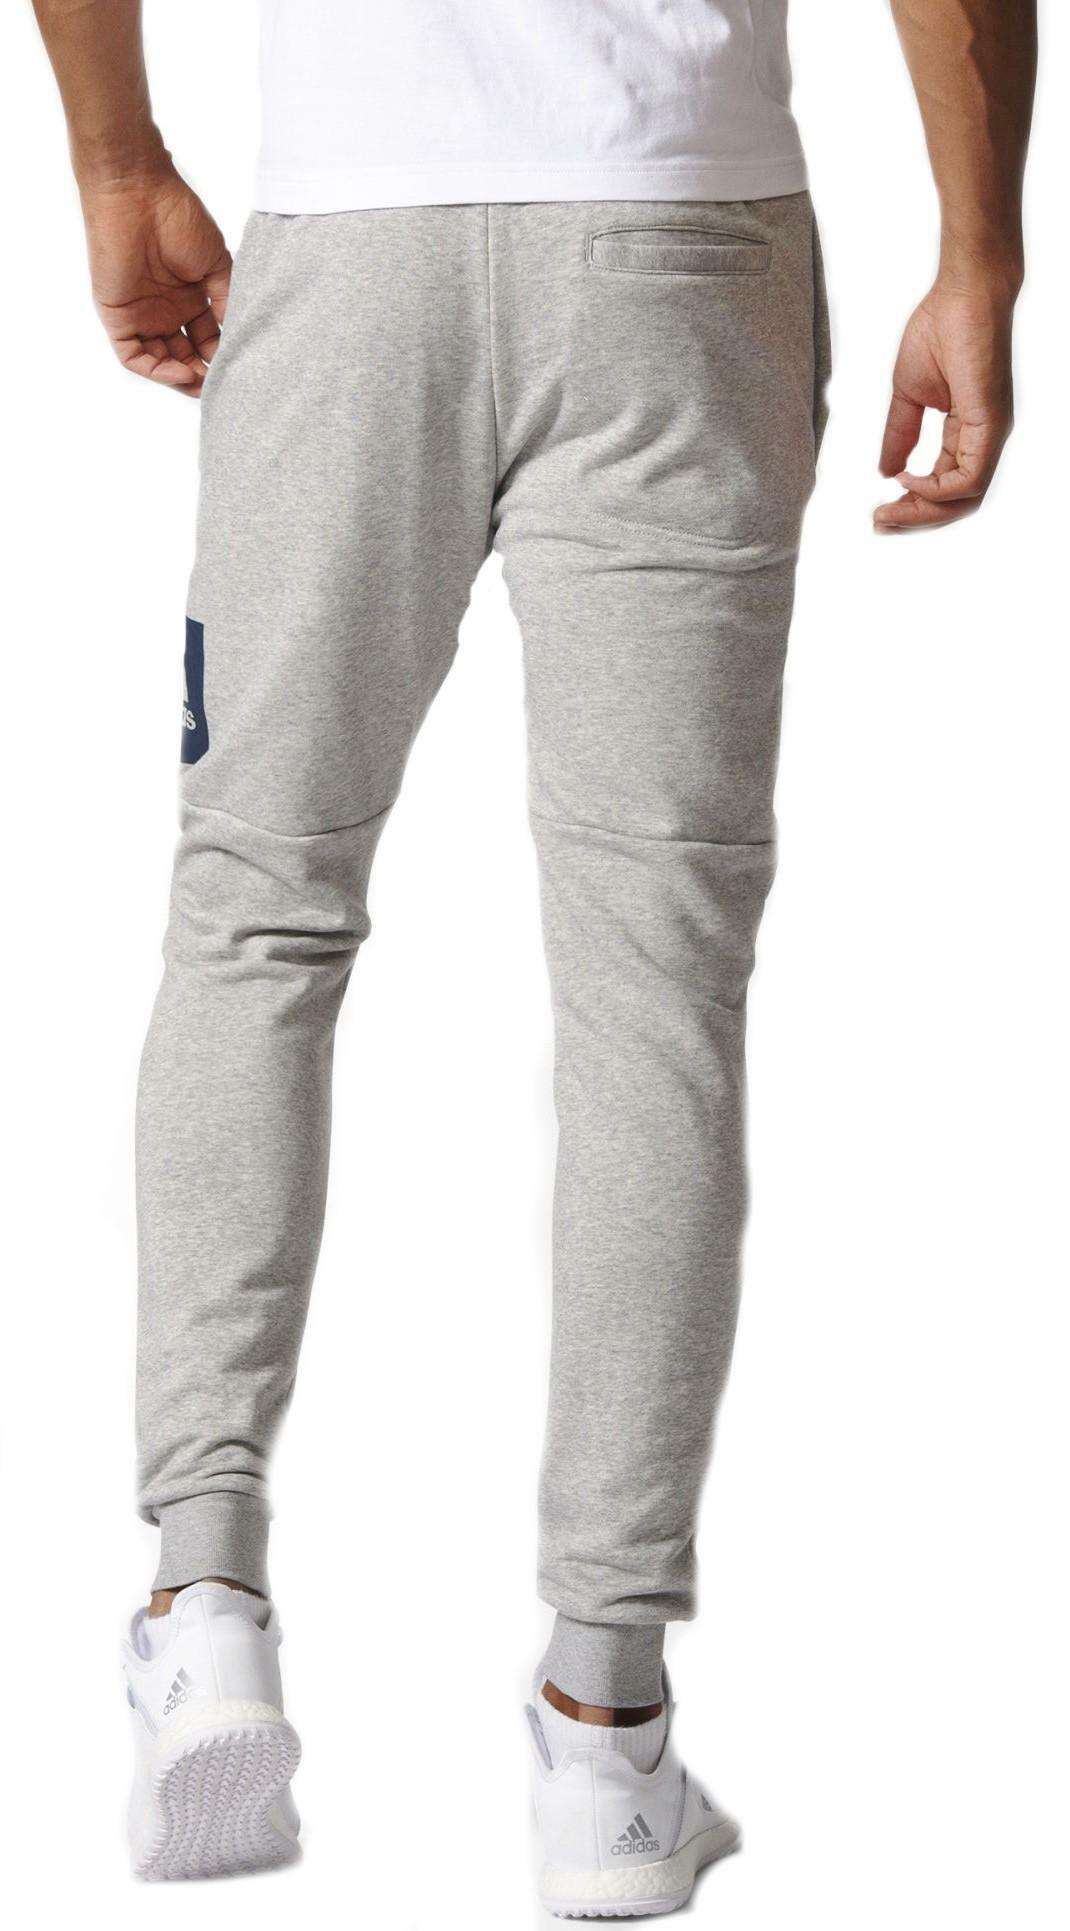 pantaloni adidas uomo cotone